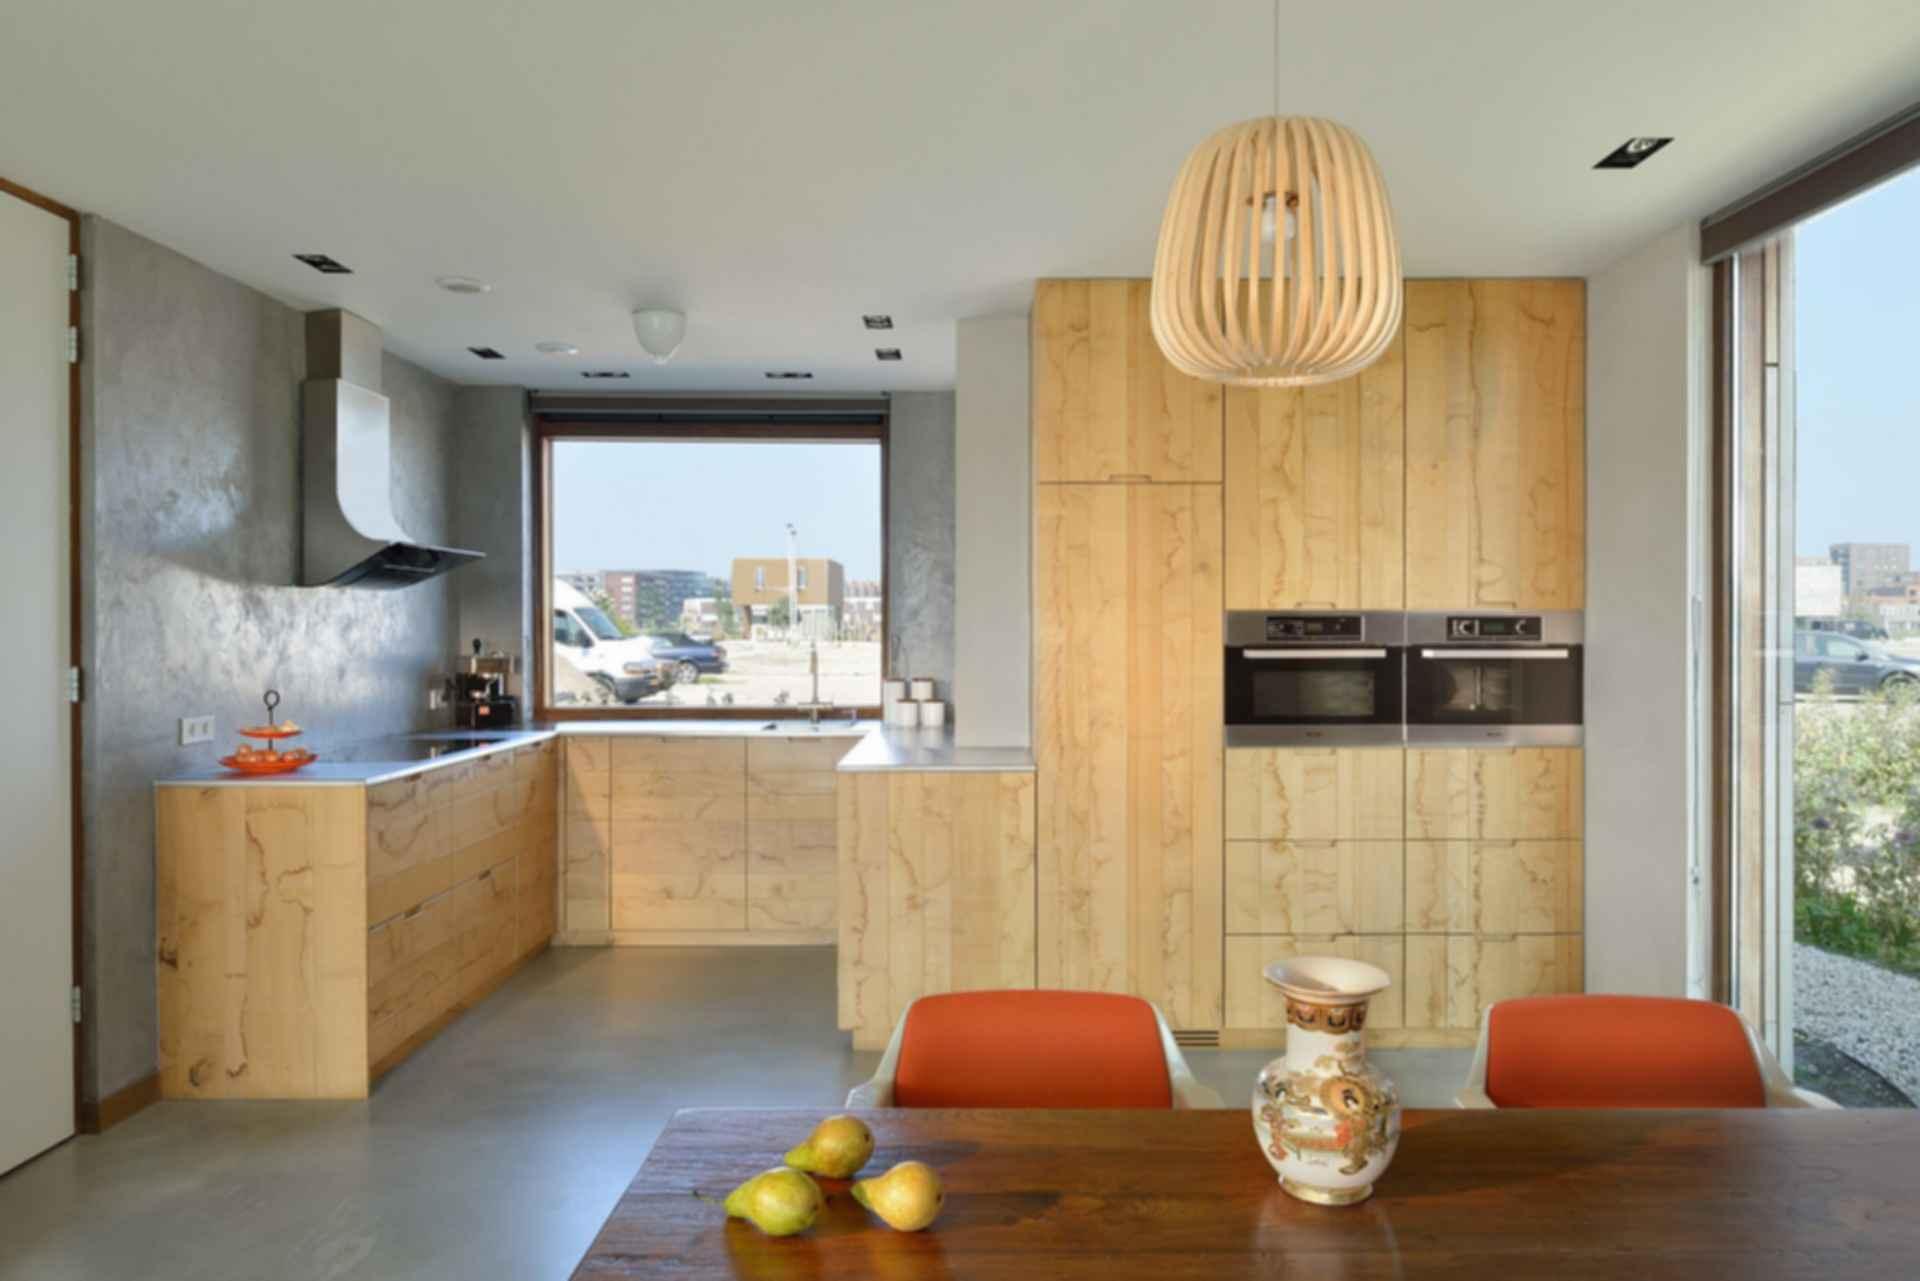 Villa Rieteiland-Oost - Interior Kitchen